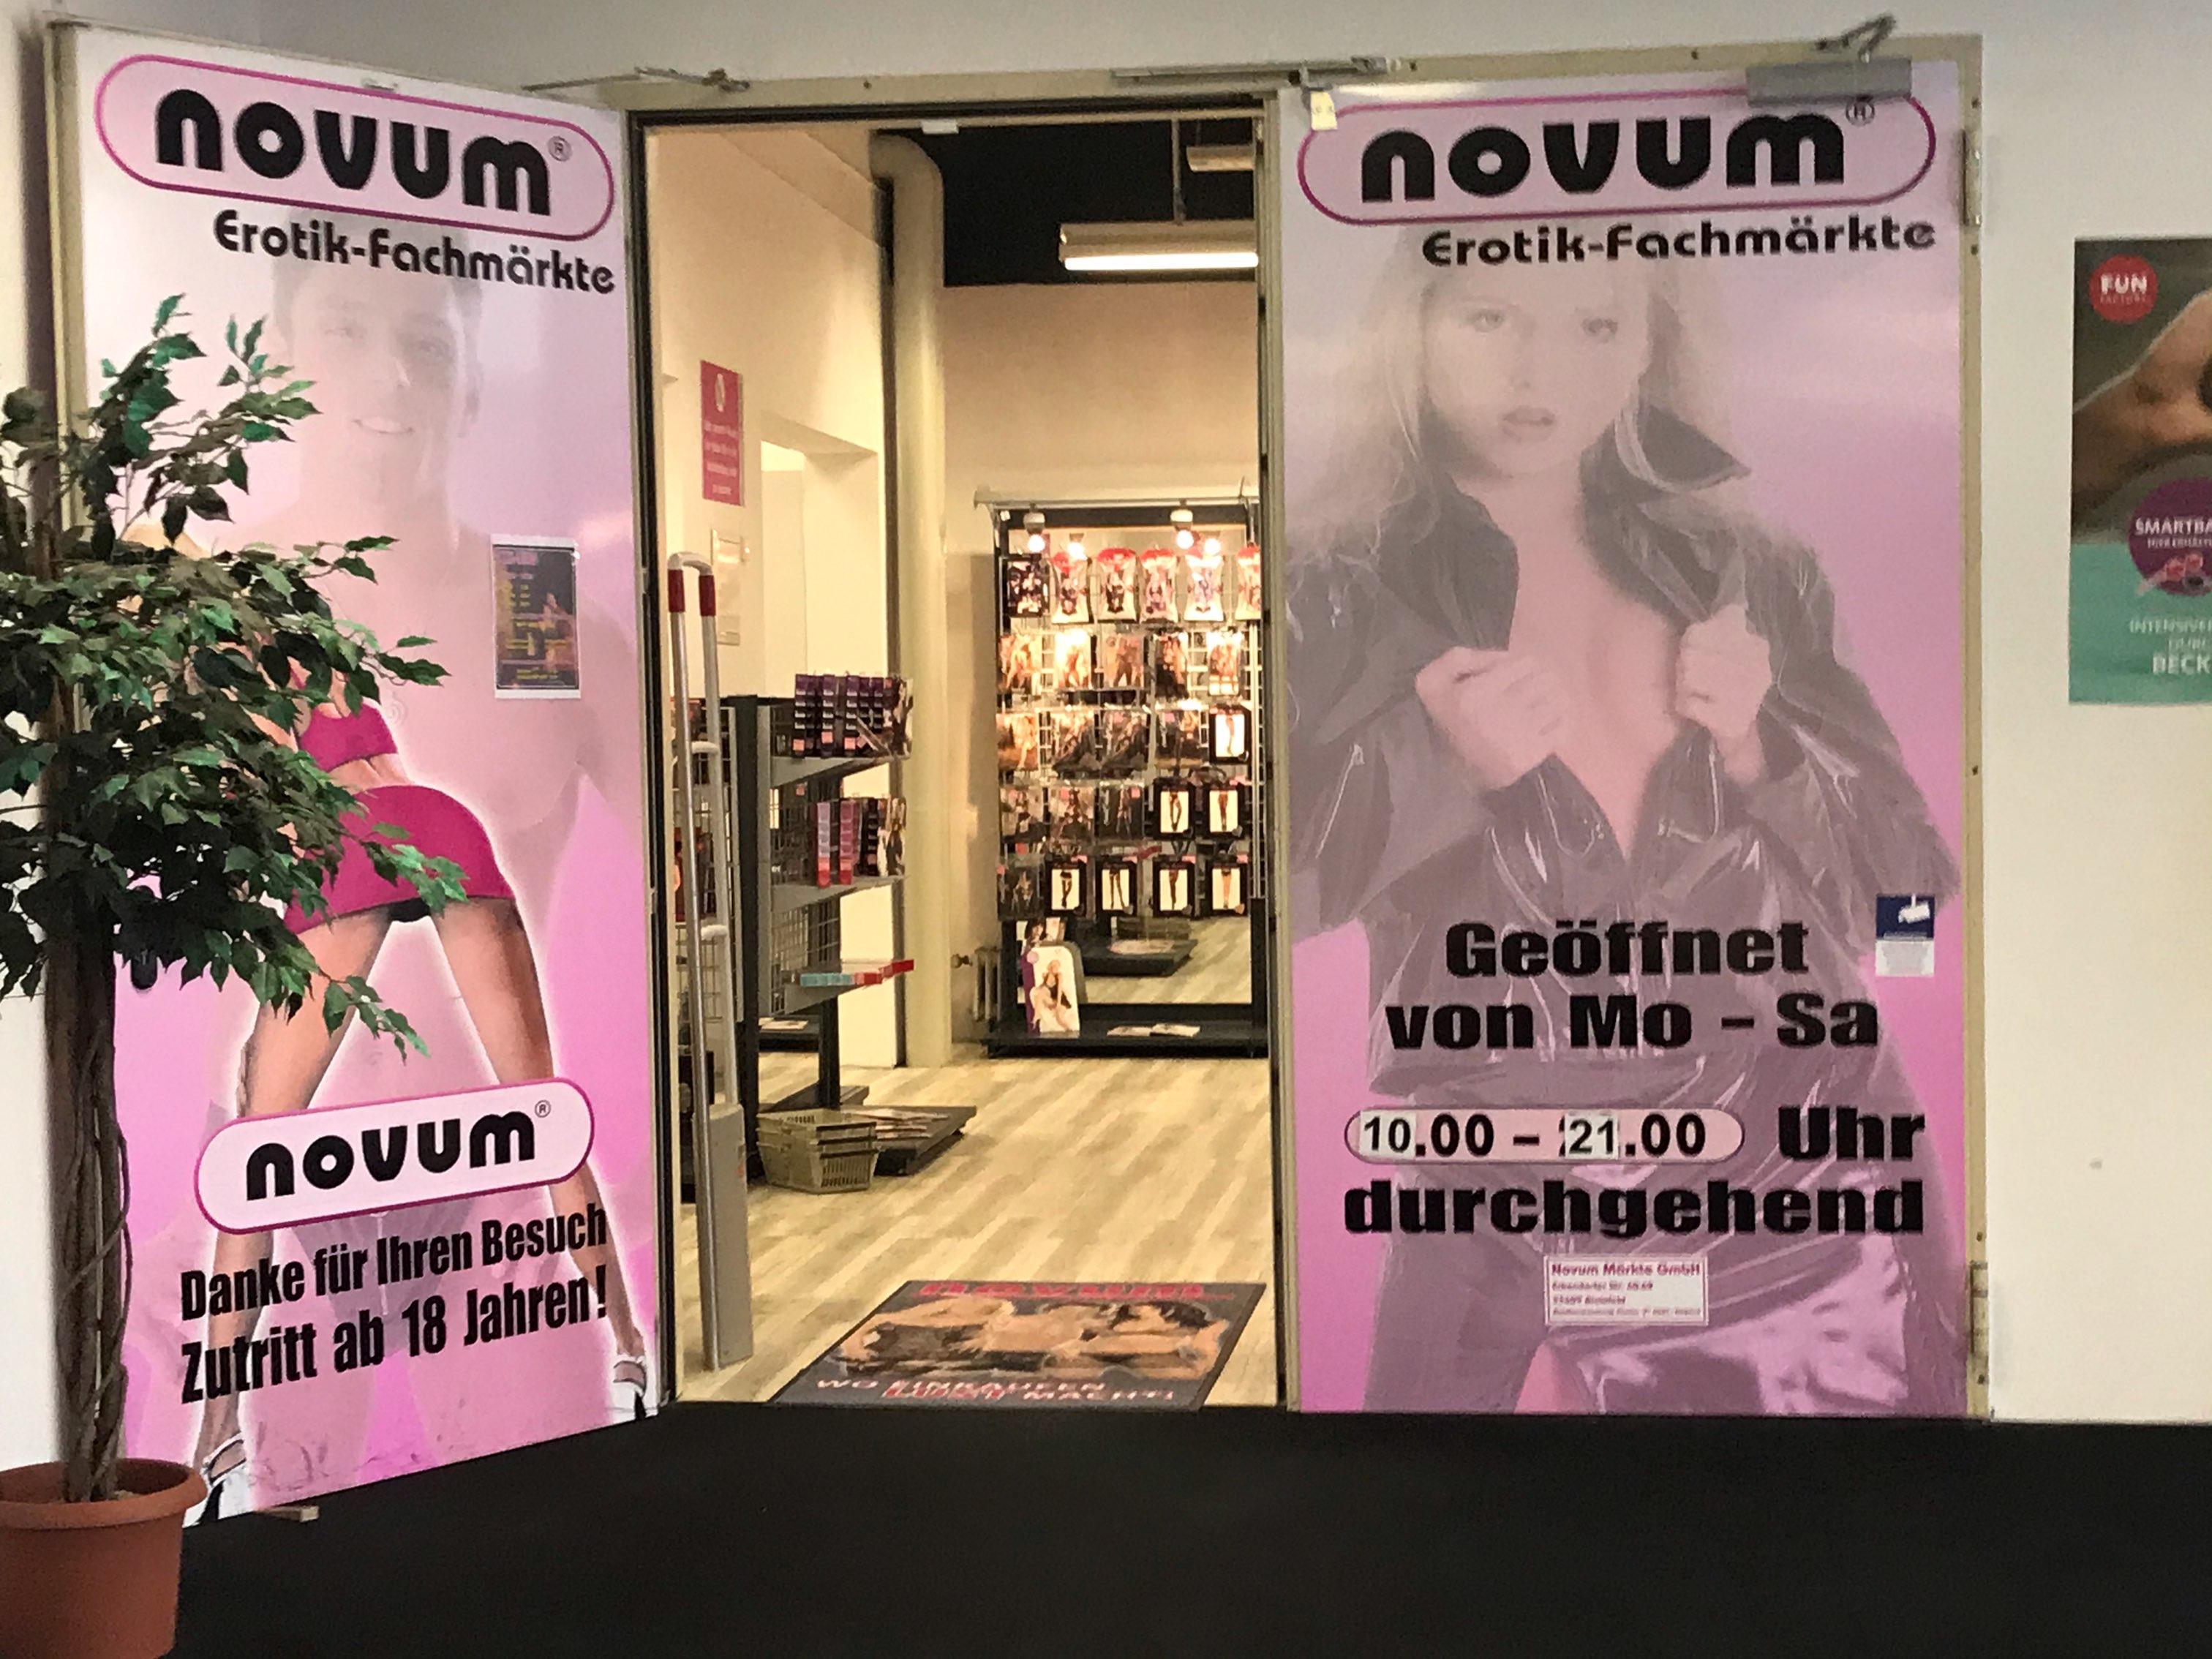 Novum Märkte GmbH 31789 Hameln-Wangelist Öffnungszeiten